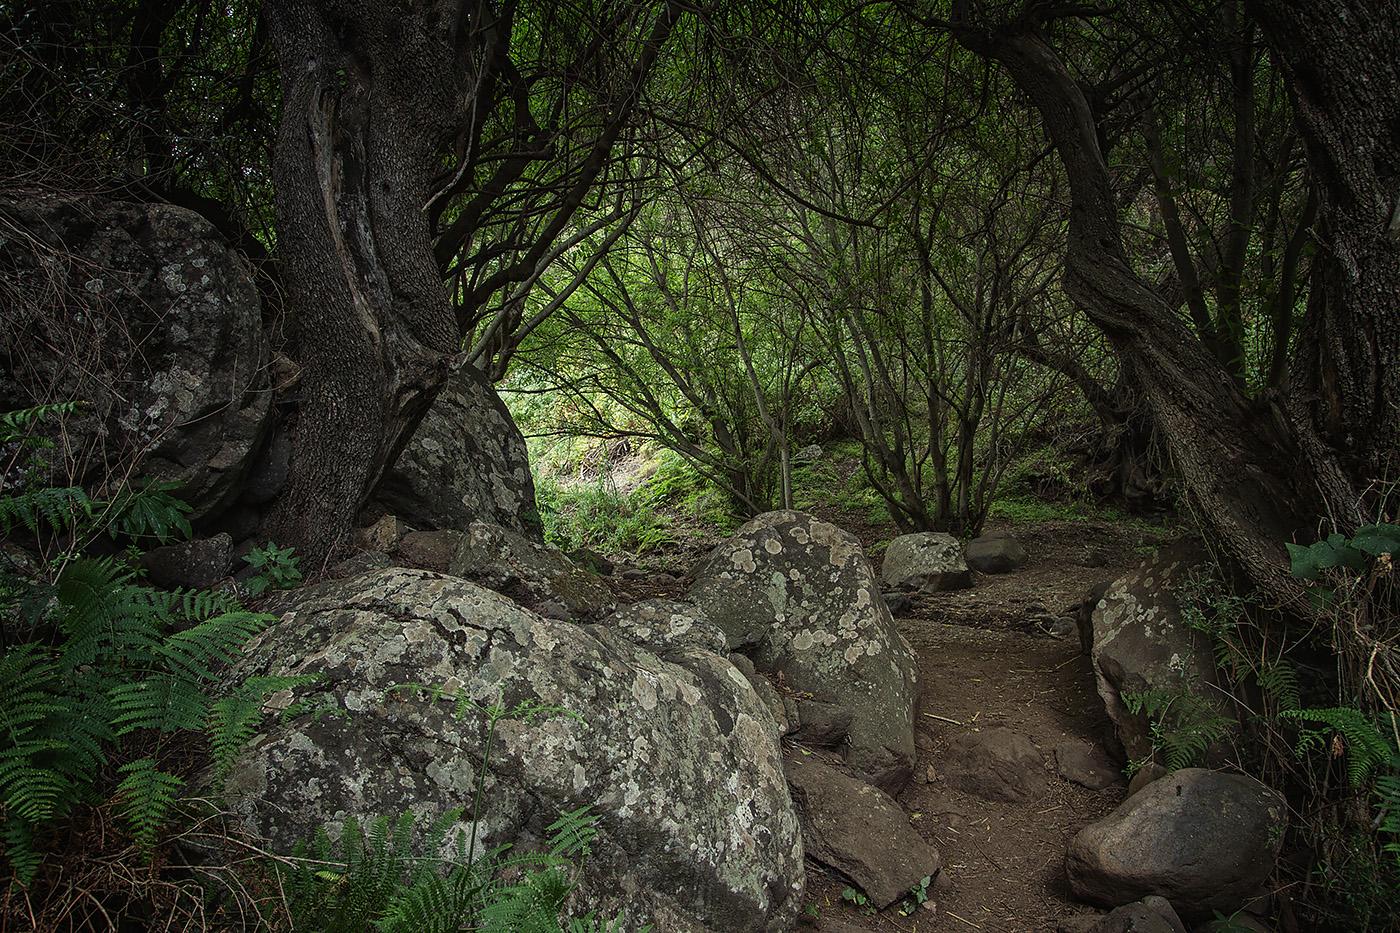 Gran Canaria - Barranco de los Cernicalos